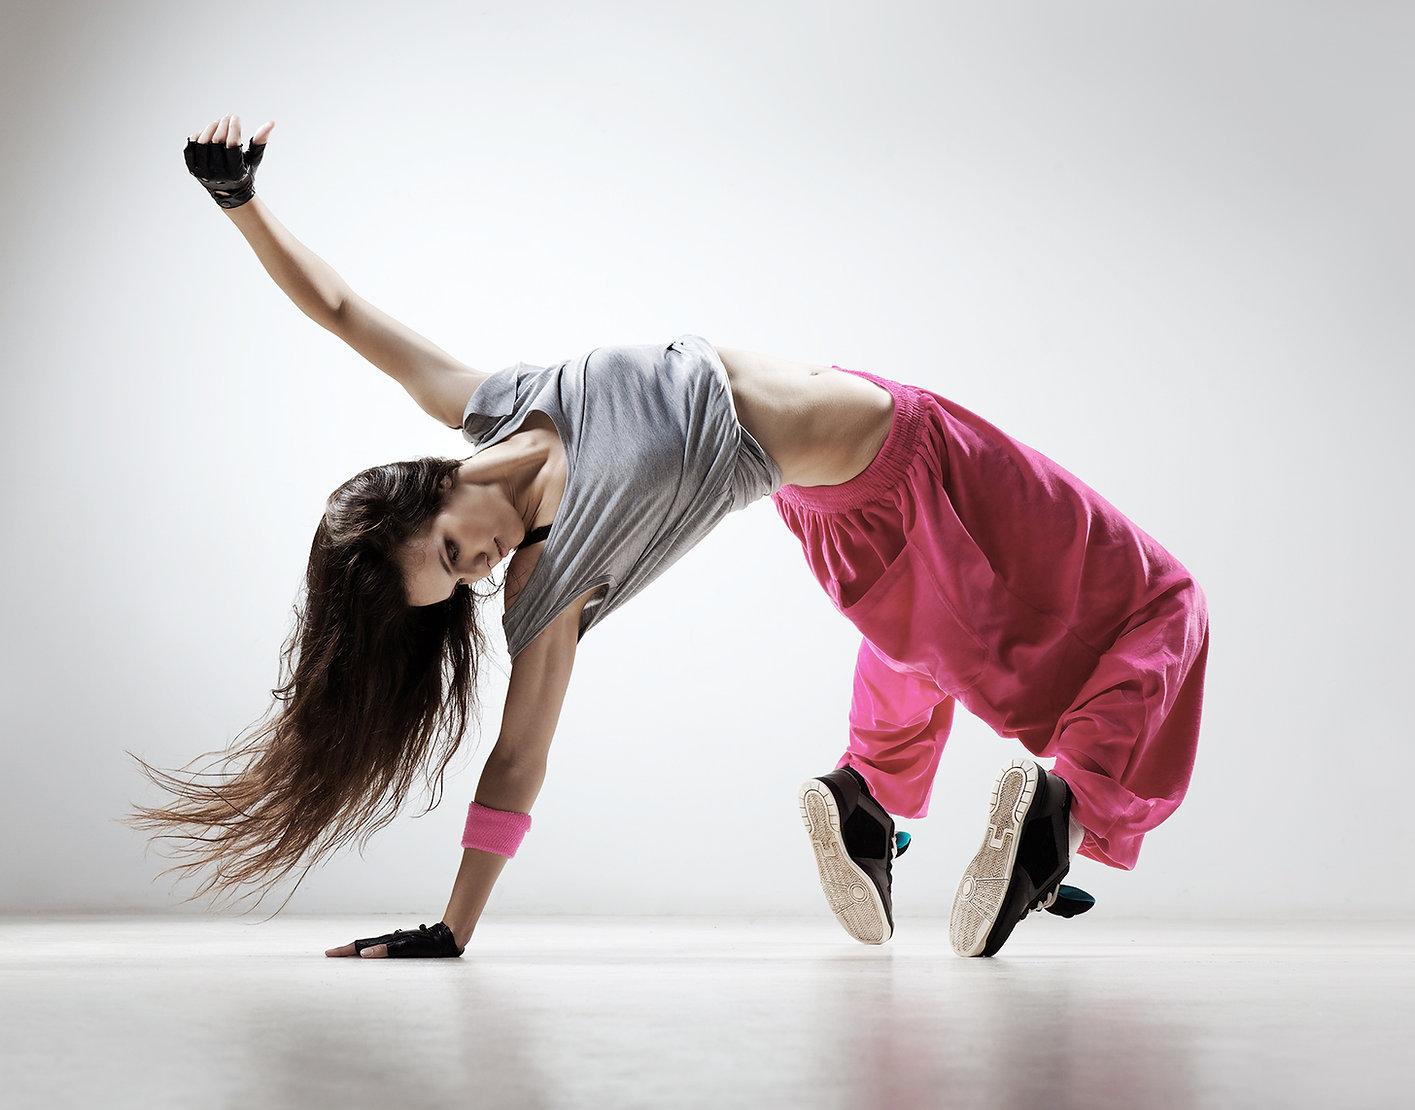 Ecole de danse à Genève, BE A DANCER cours de danse enfants Genève. Cours de danse dispensés en Anglais. Cours de danse loisirs Genève, Cours de danse ados Genève. Cours de street jazz enfants et ados à Genève